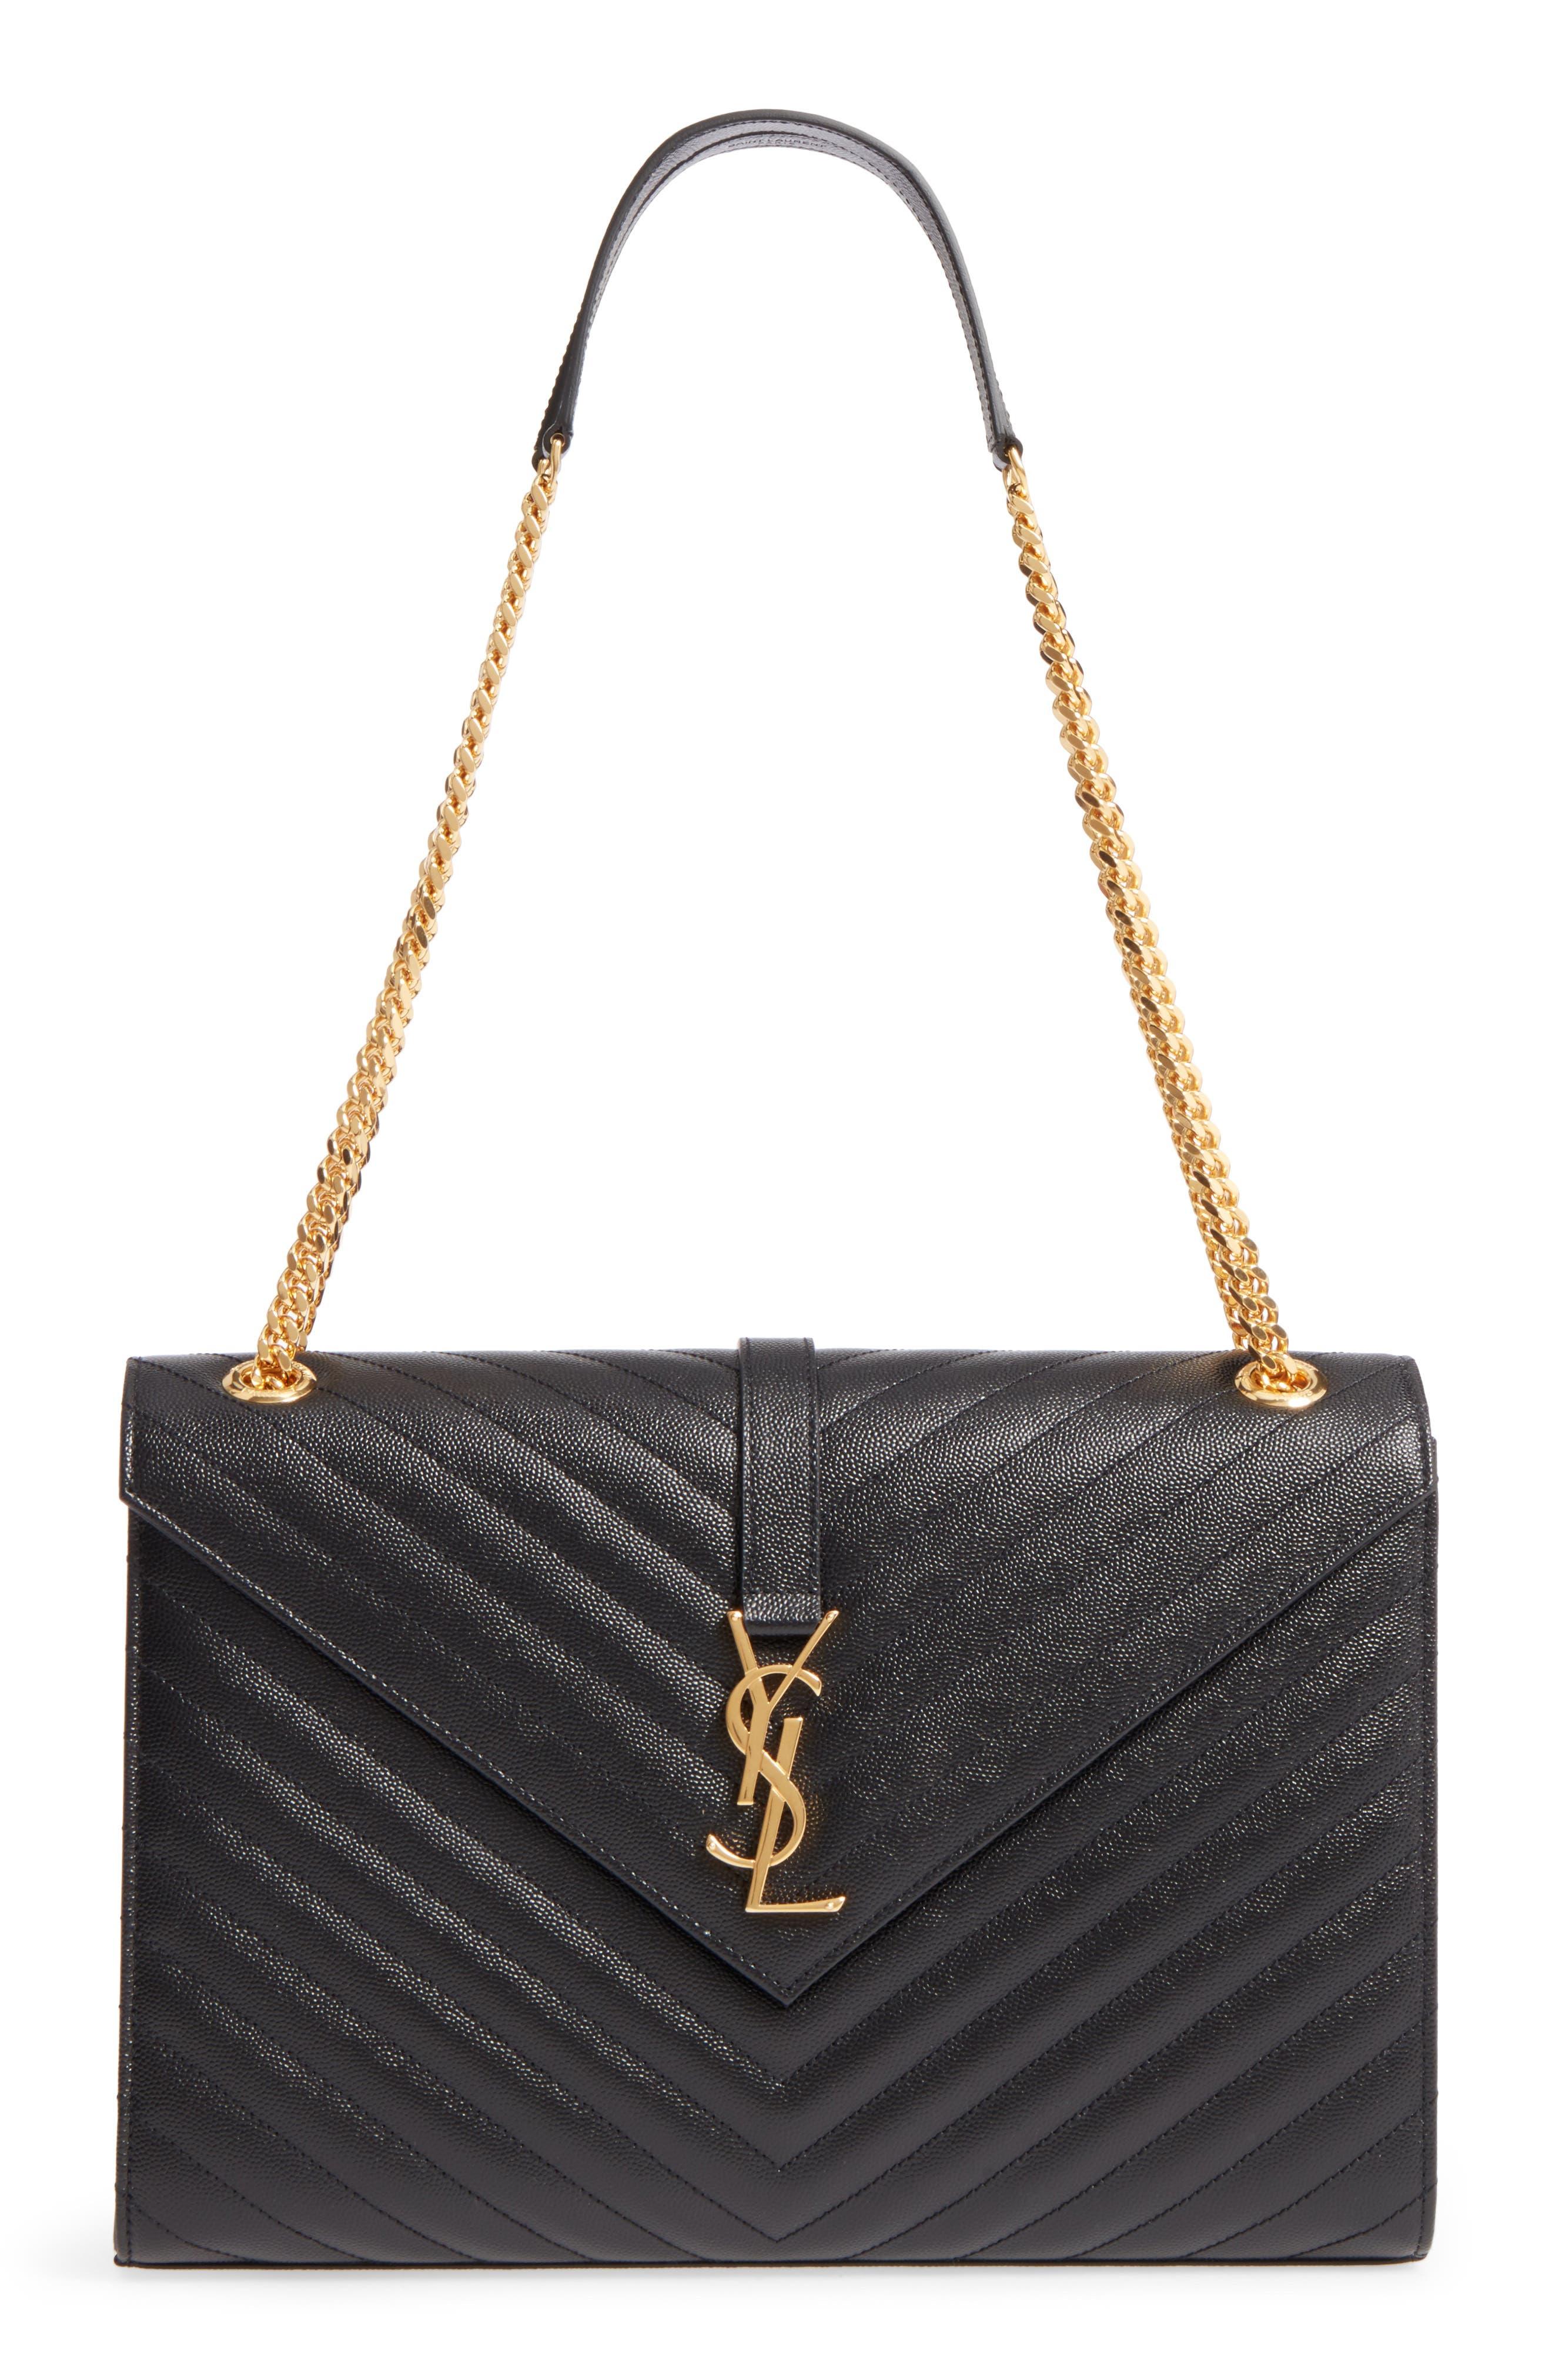 Saint Laurent Medium Grained Matelassé Quilted Leather Shoulder Bag